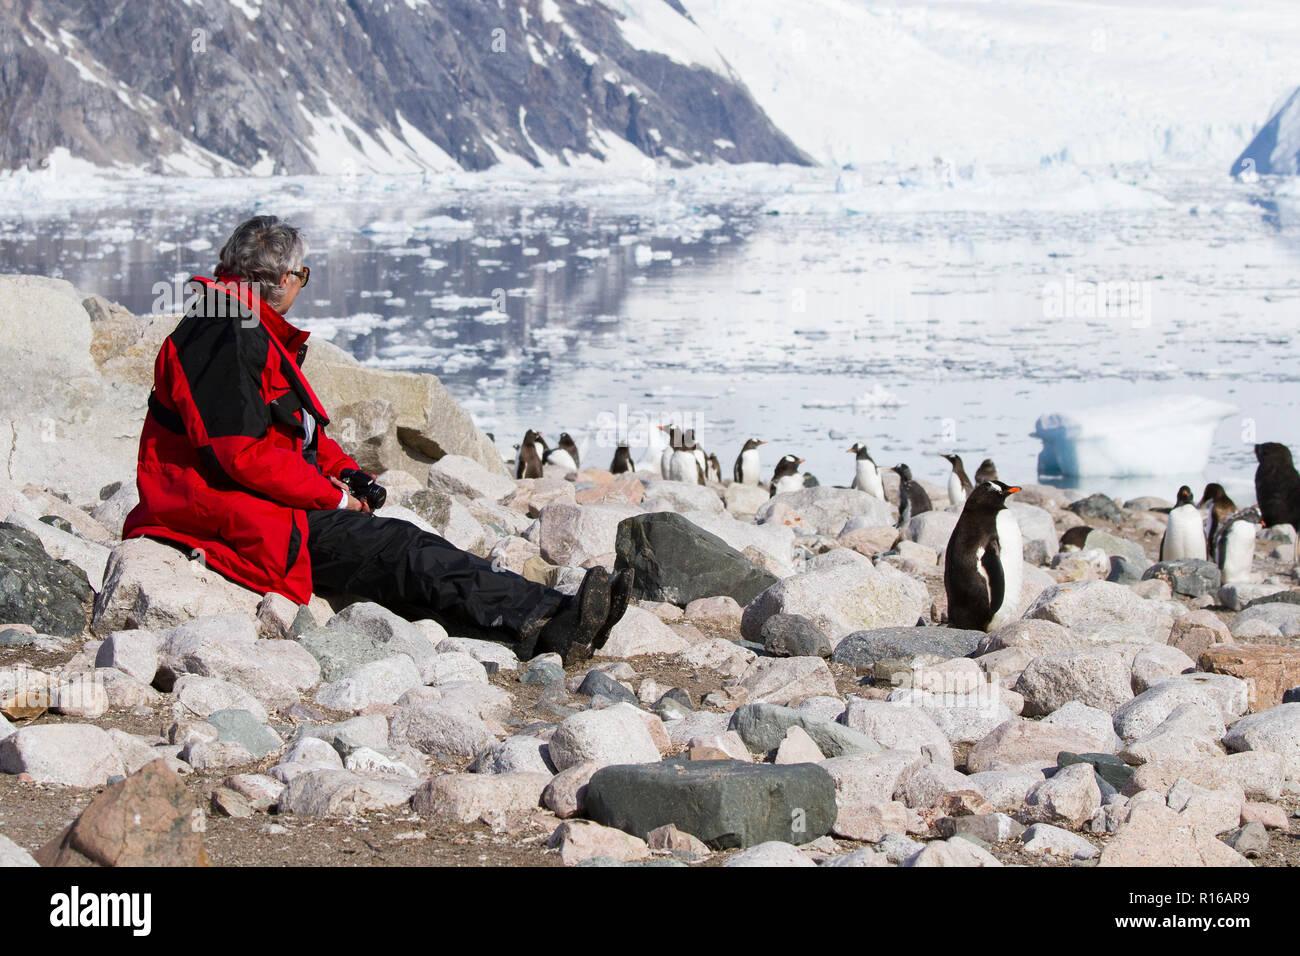 Antarktis Touristen mit Pinguine in der Antarktis Landschaft. Stockbild